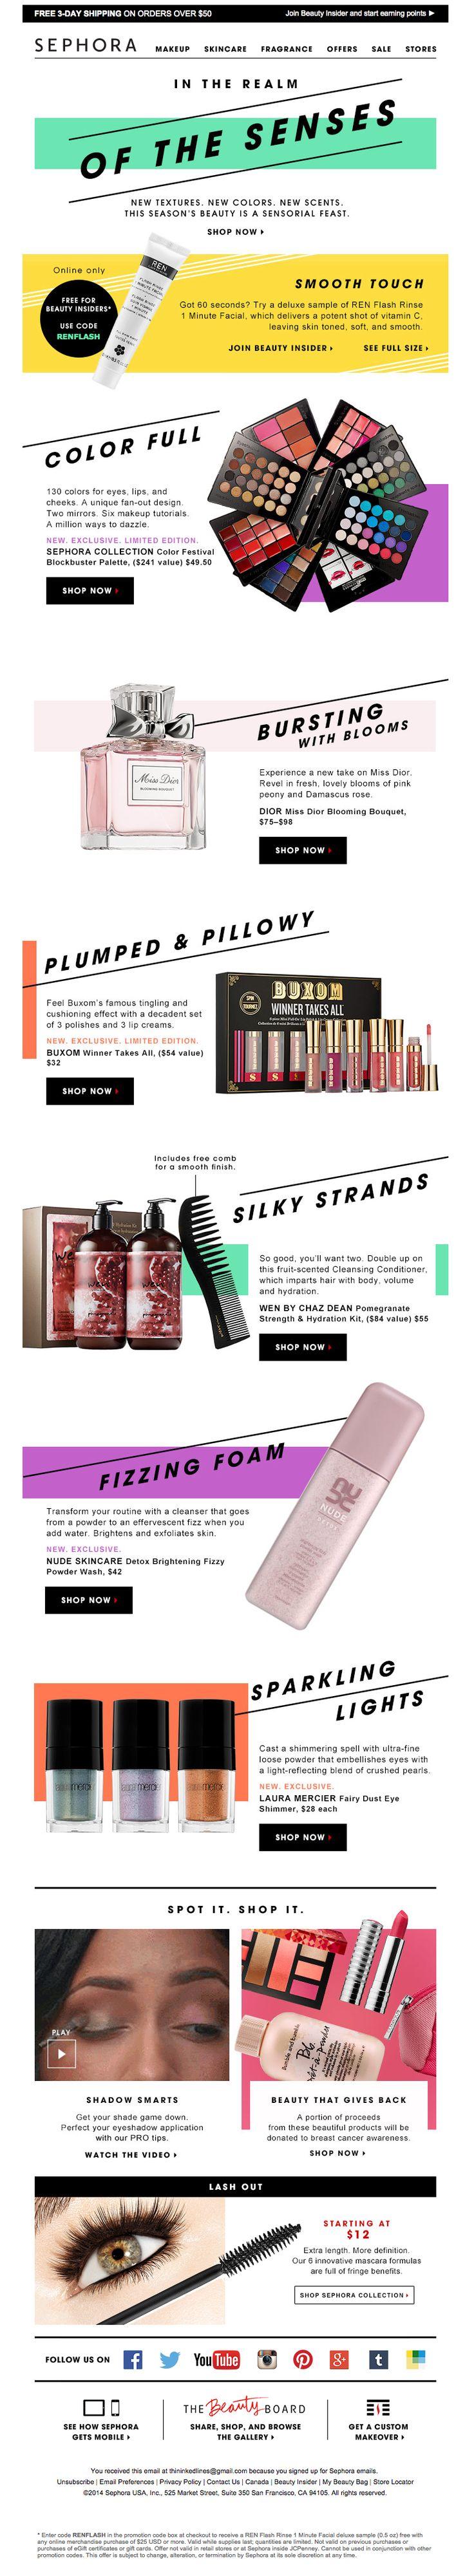 Sephora e-newsletter